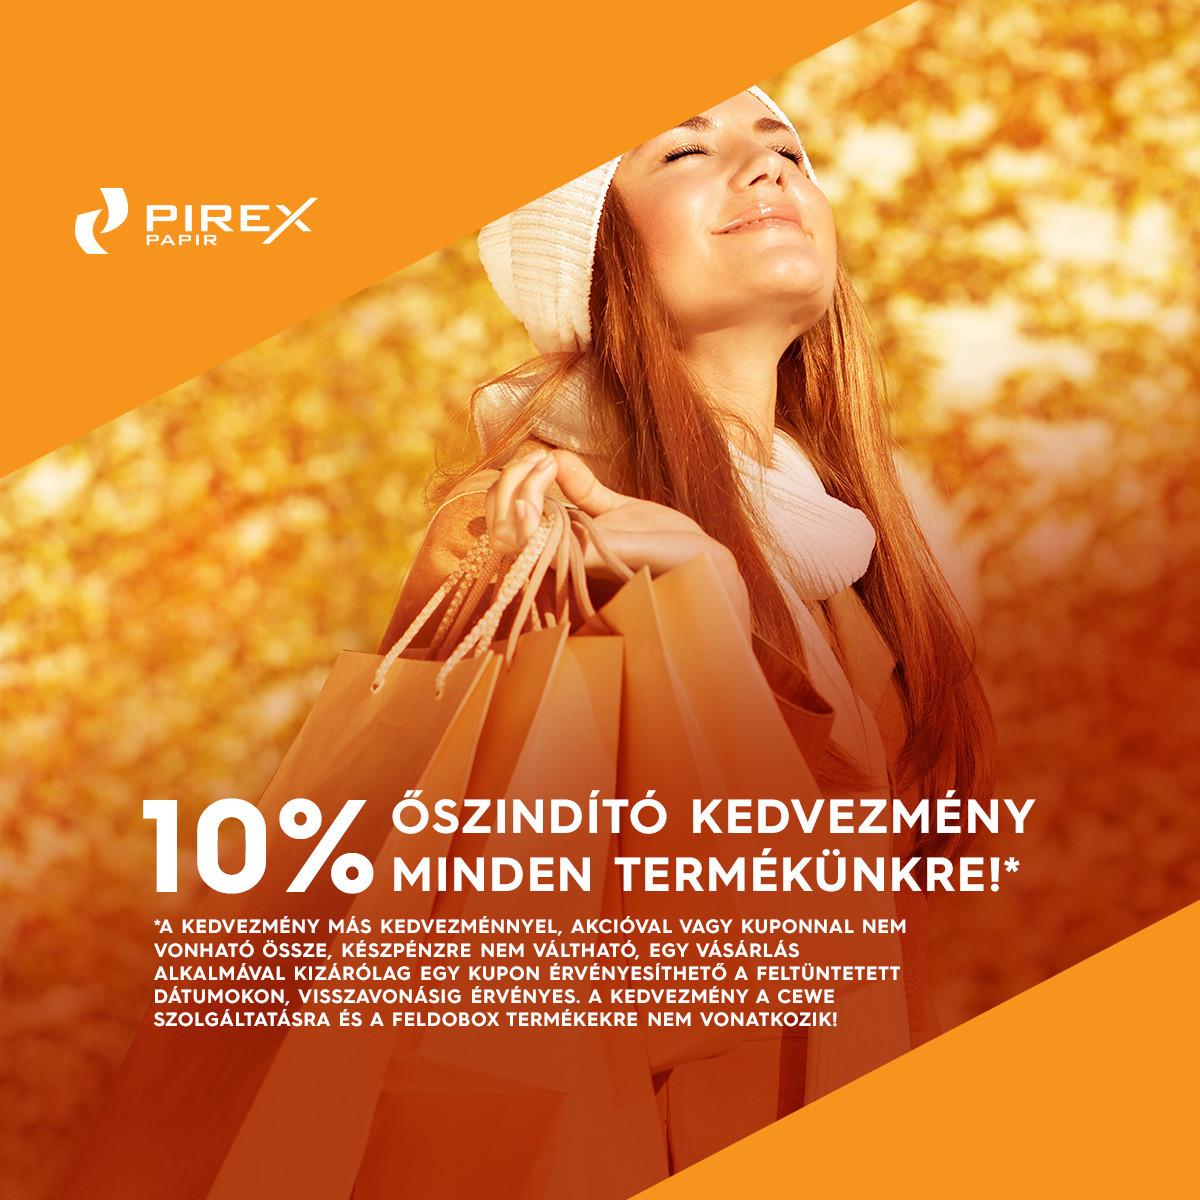 Pirex őszindító akció minden termékünkre!